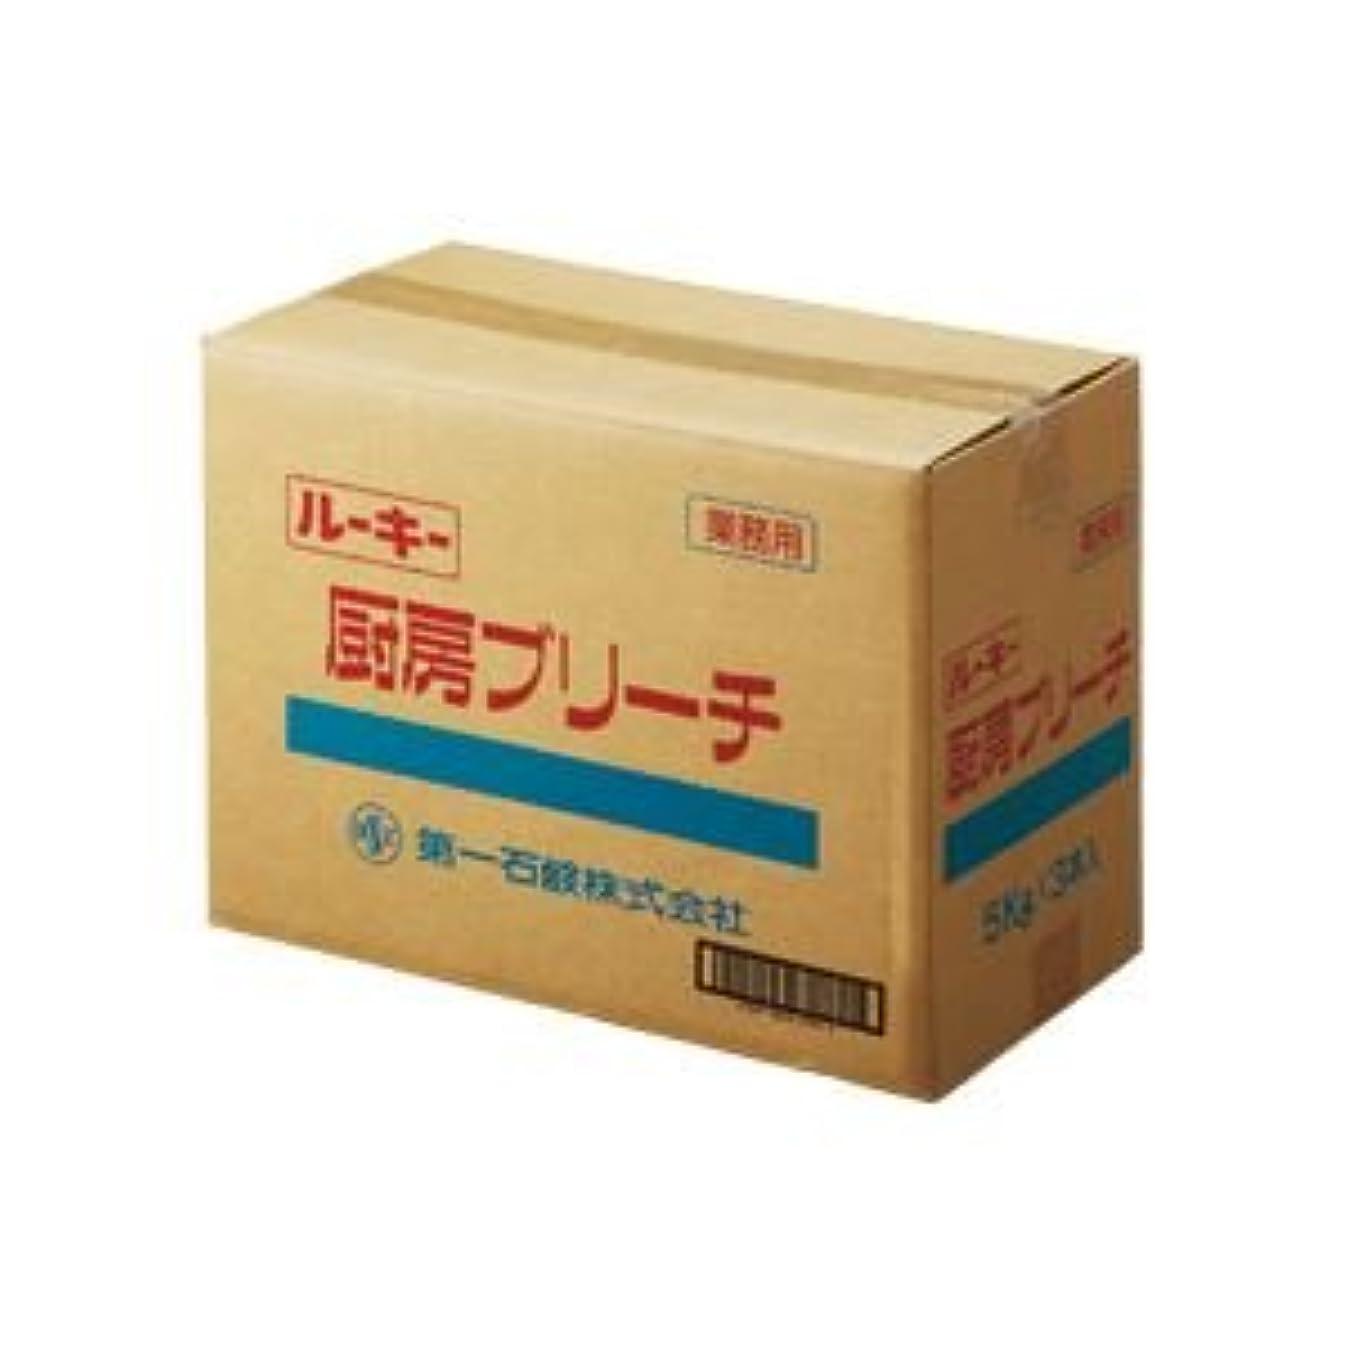 従順入口飛行機(まとめ) 第一石鹸 ルーキー 厨房ブリーチ 業務用 5kg/本 1セット(3本) 【×2セット】